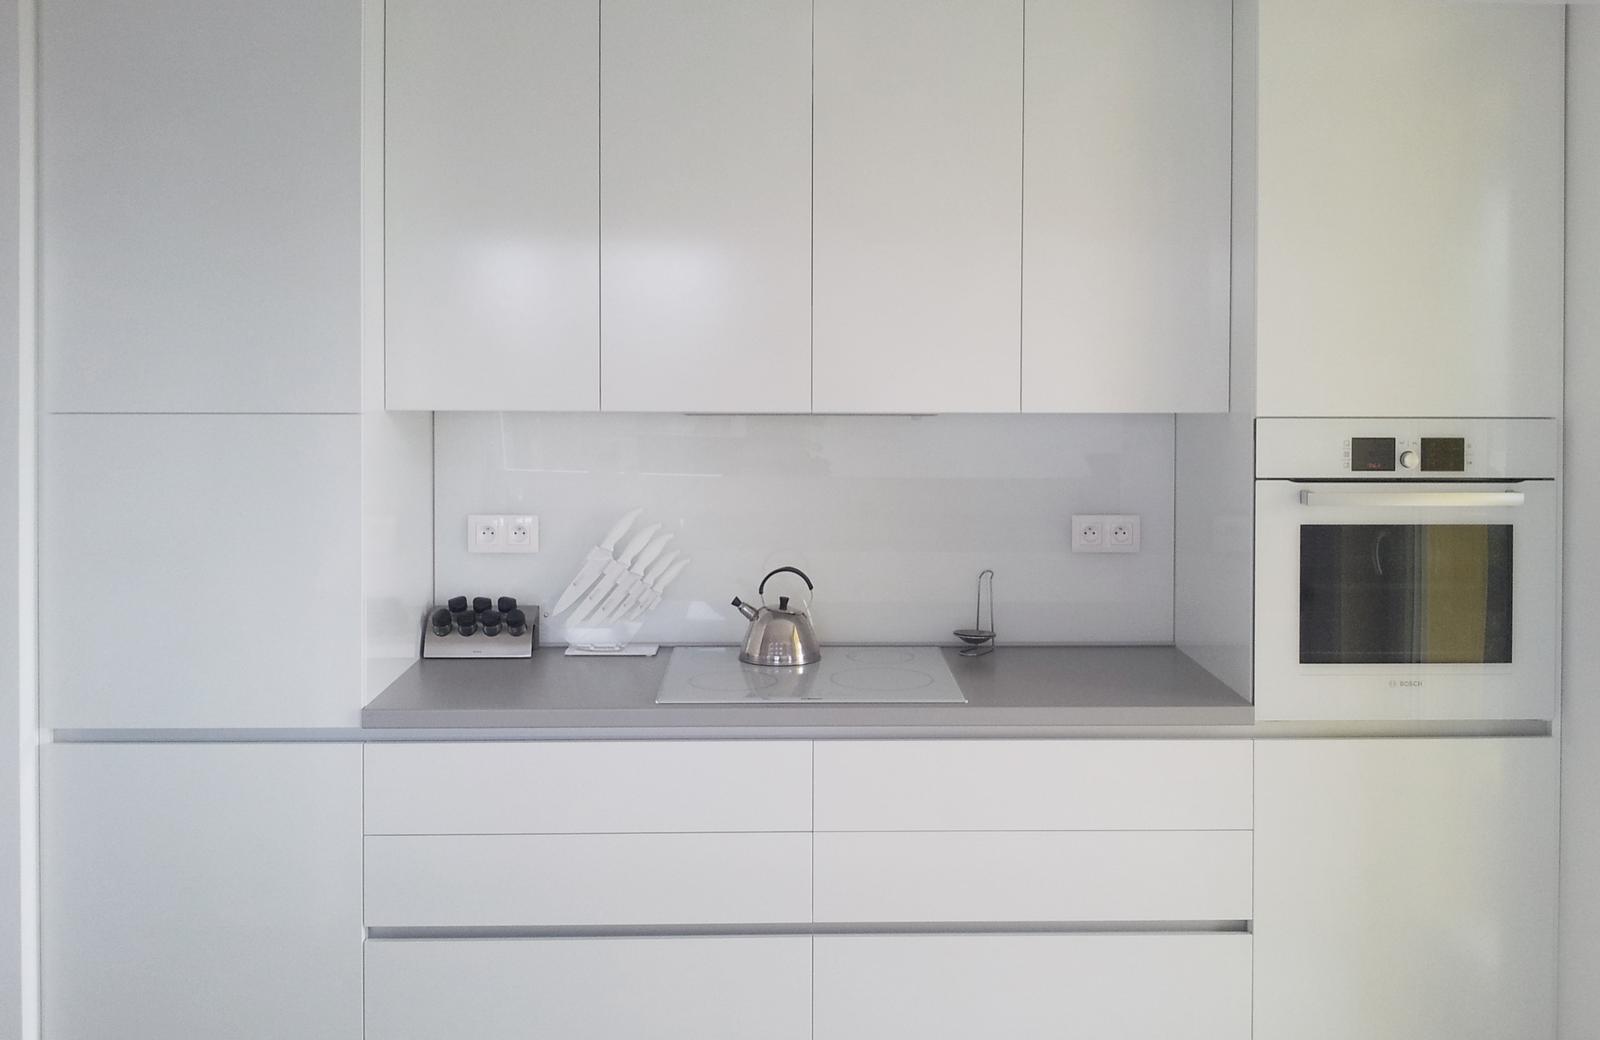 Dizajn a výroba nábytku na mieru Cubica - Biela kuchyňa - dizajn a výroba cubica